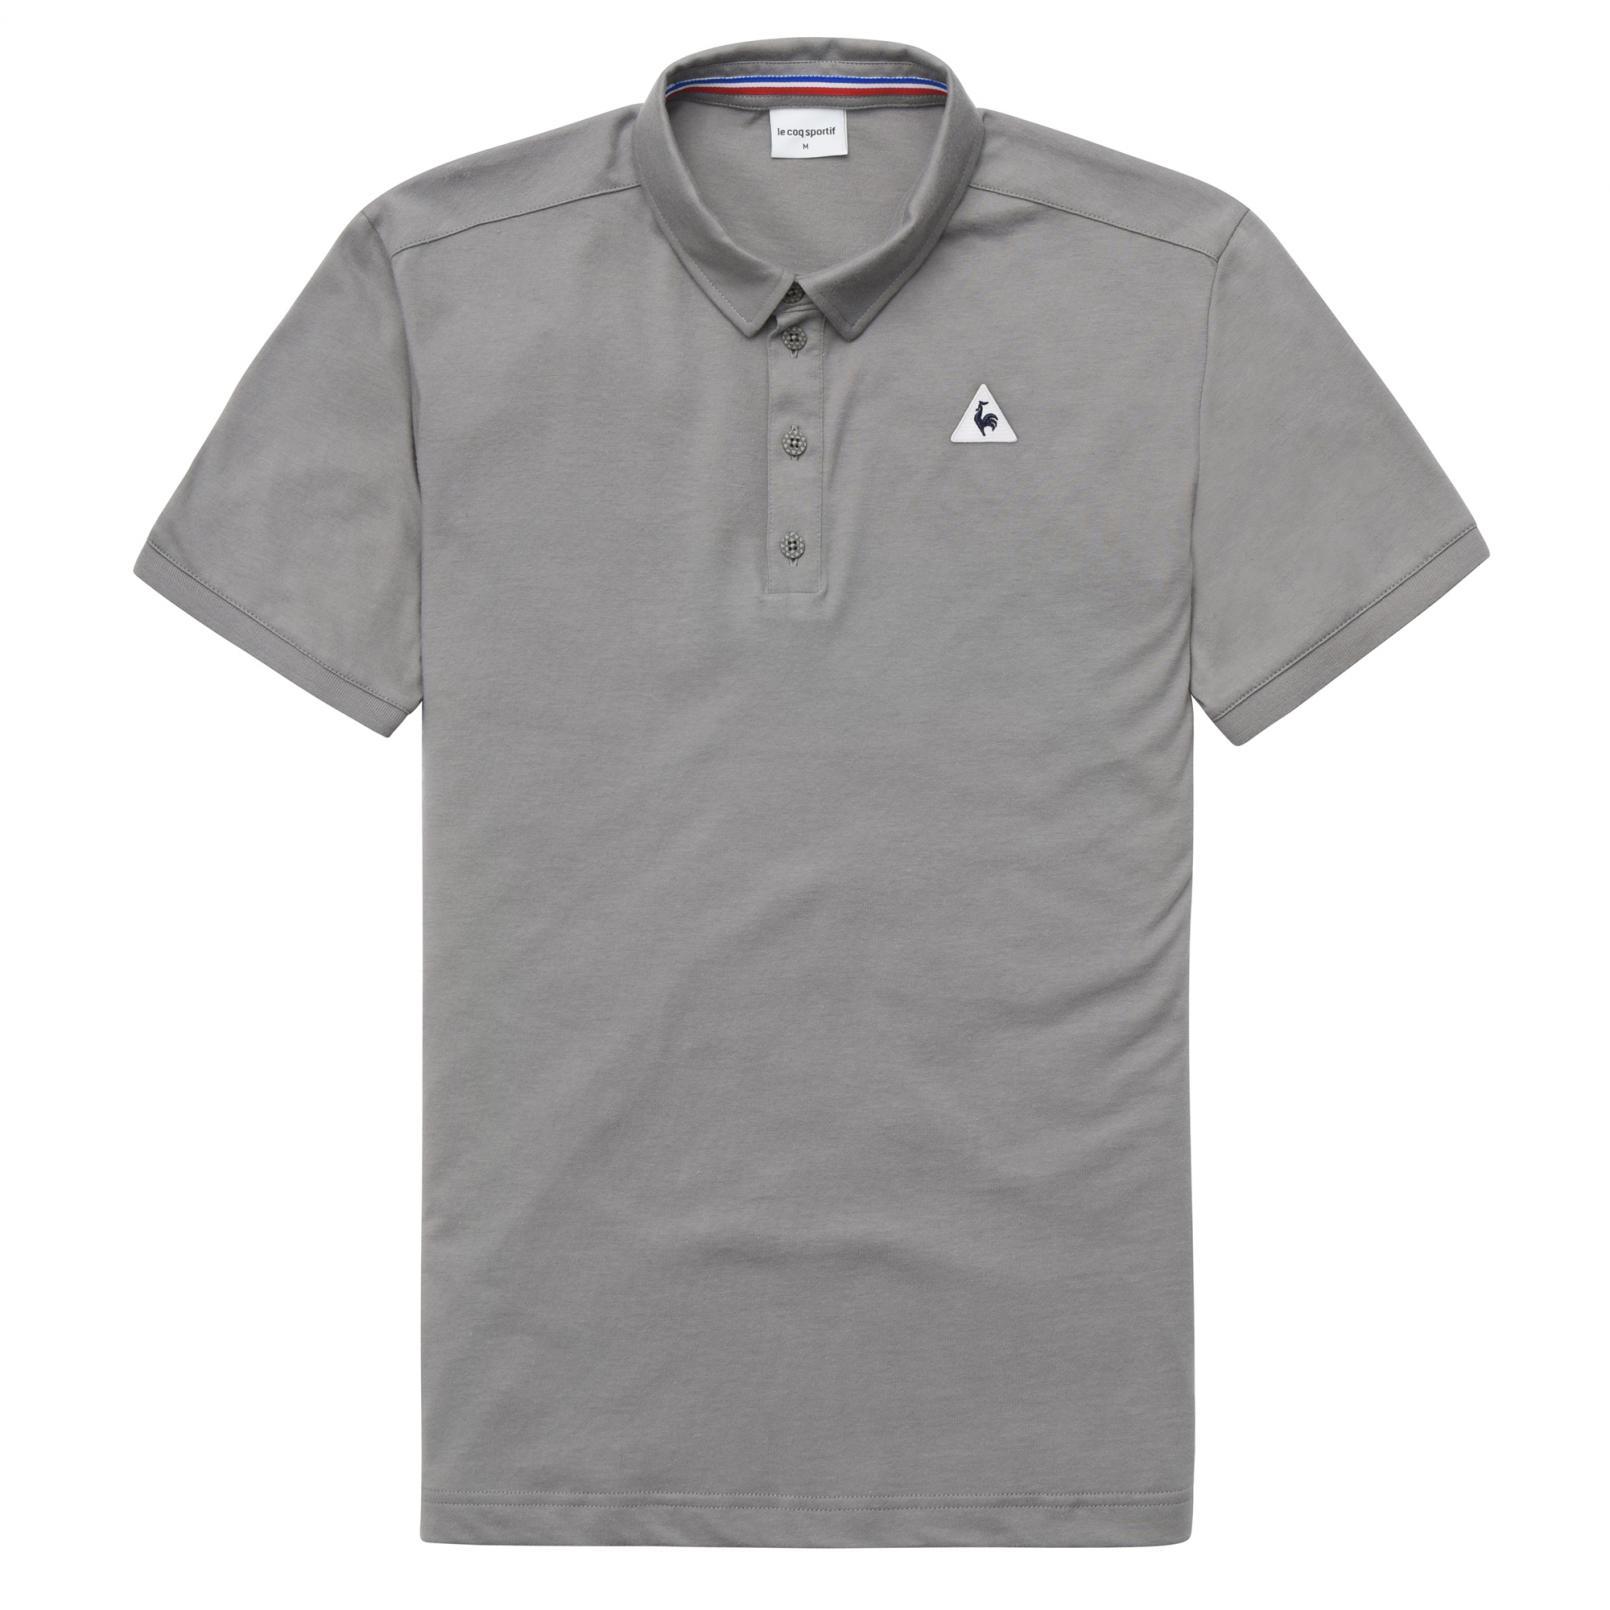 Polo – Le Coq Sportif Essentiels Polo Grey/White